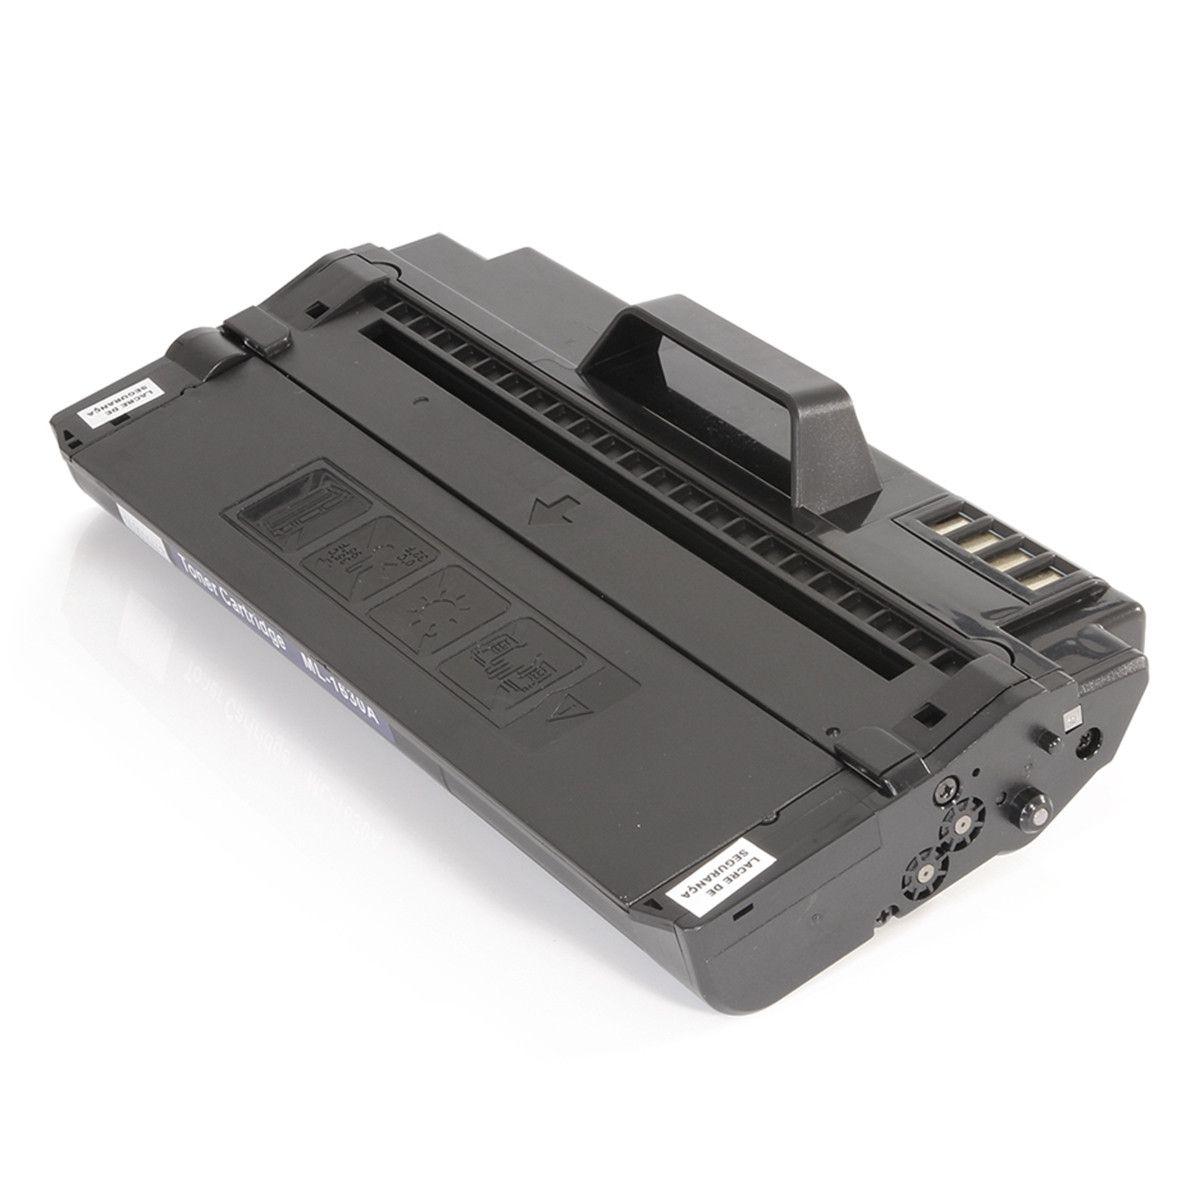 Toner Compatível Samsung ML-D1630A | ML-1630 ML-1631 SCX-4500 |2.000 Páginas -Cartucho & Cia